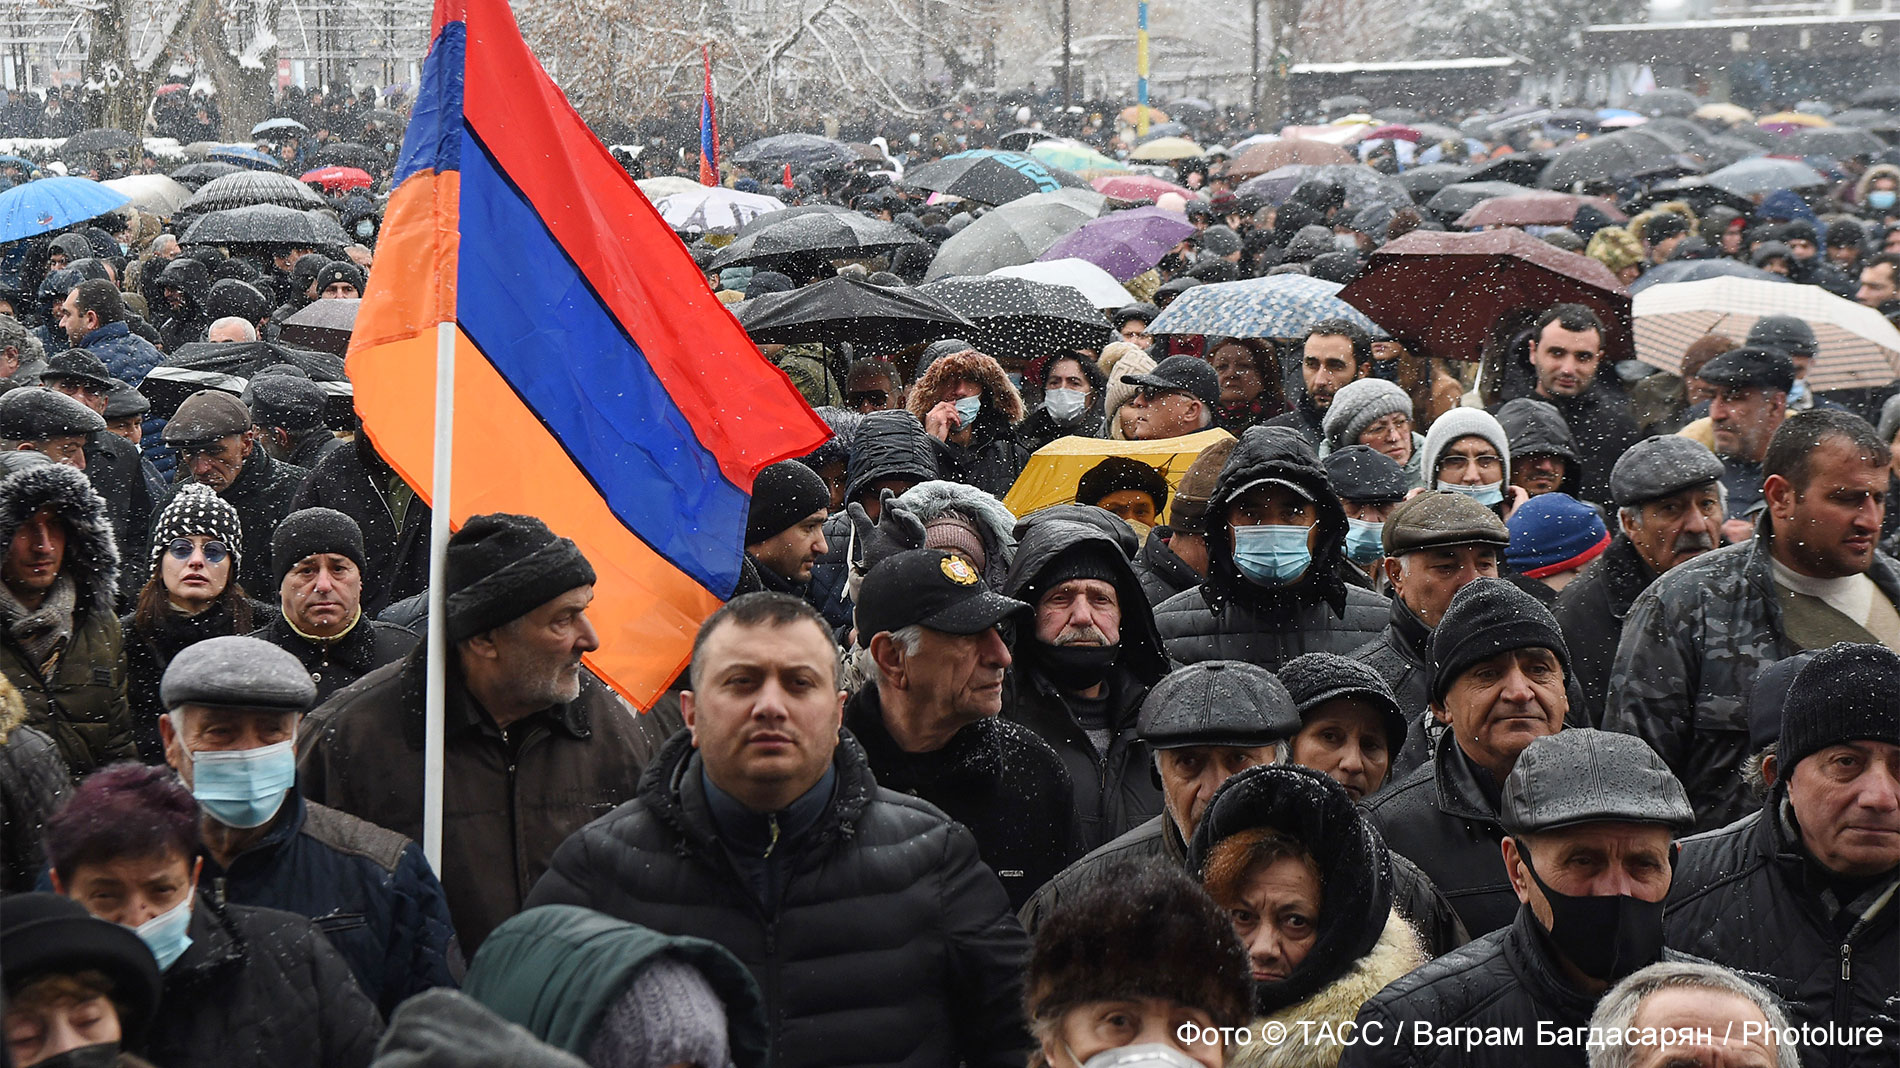 Вписаться в поворот: почему ситуация в Армении напоминает события в России в 1990-е годы